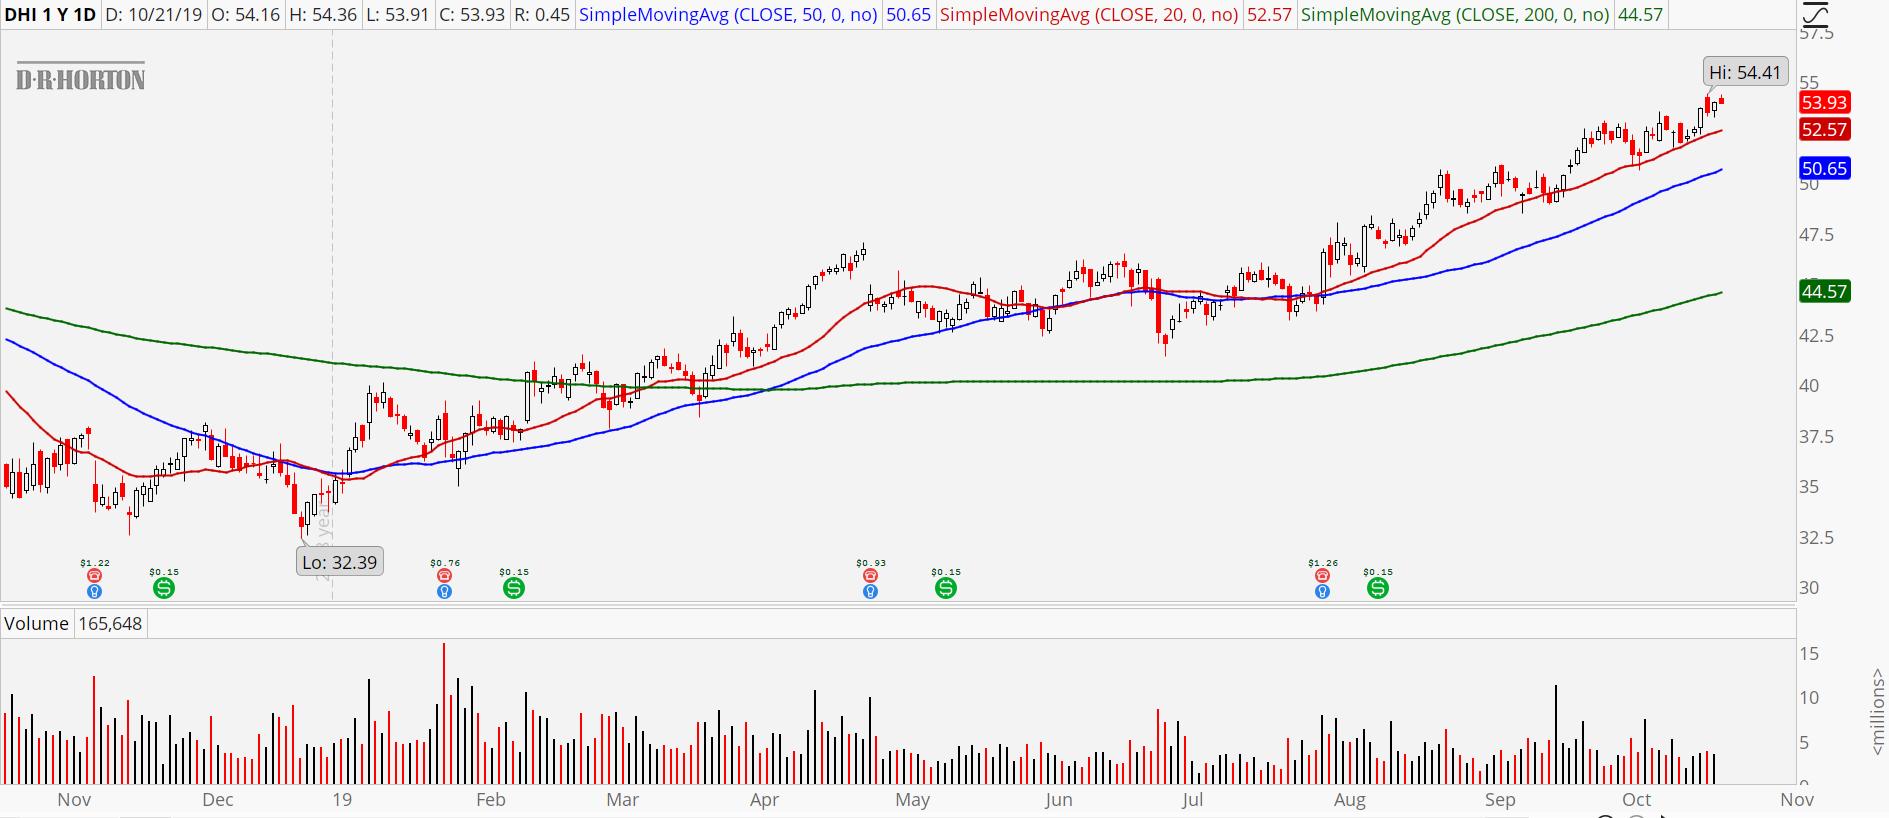 3 Homebuilder Stocks to Buy: DR Horton (DHI)